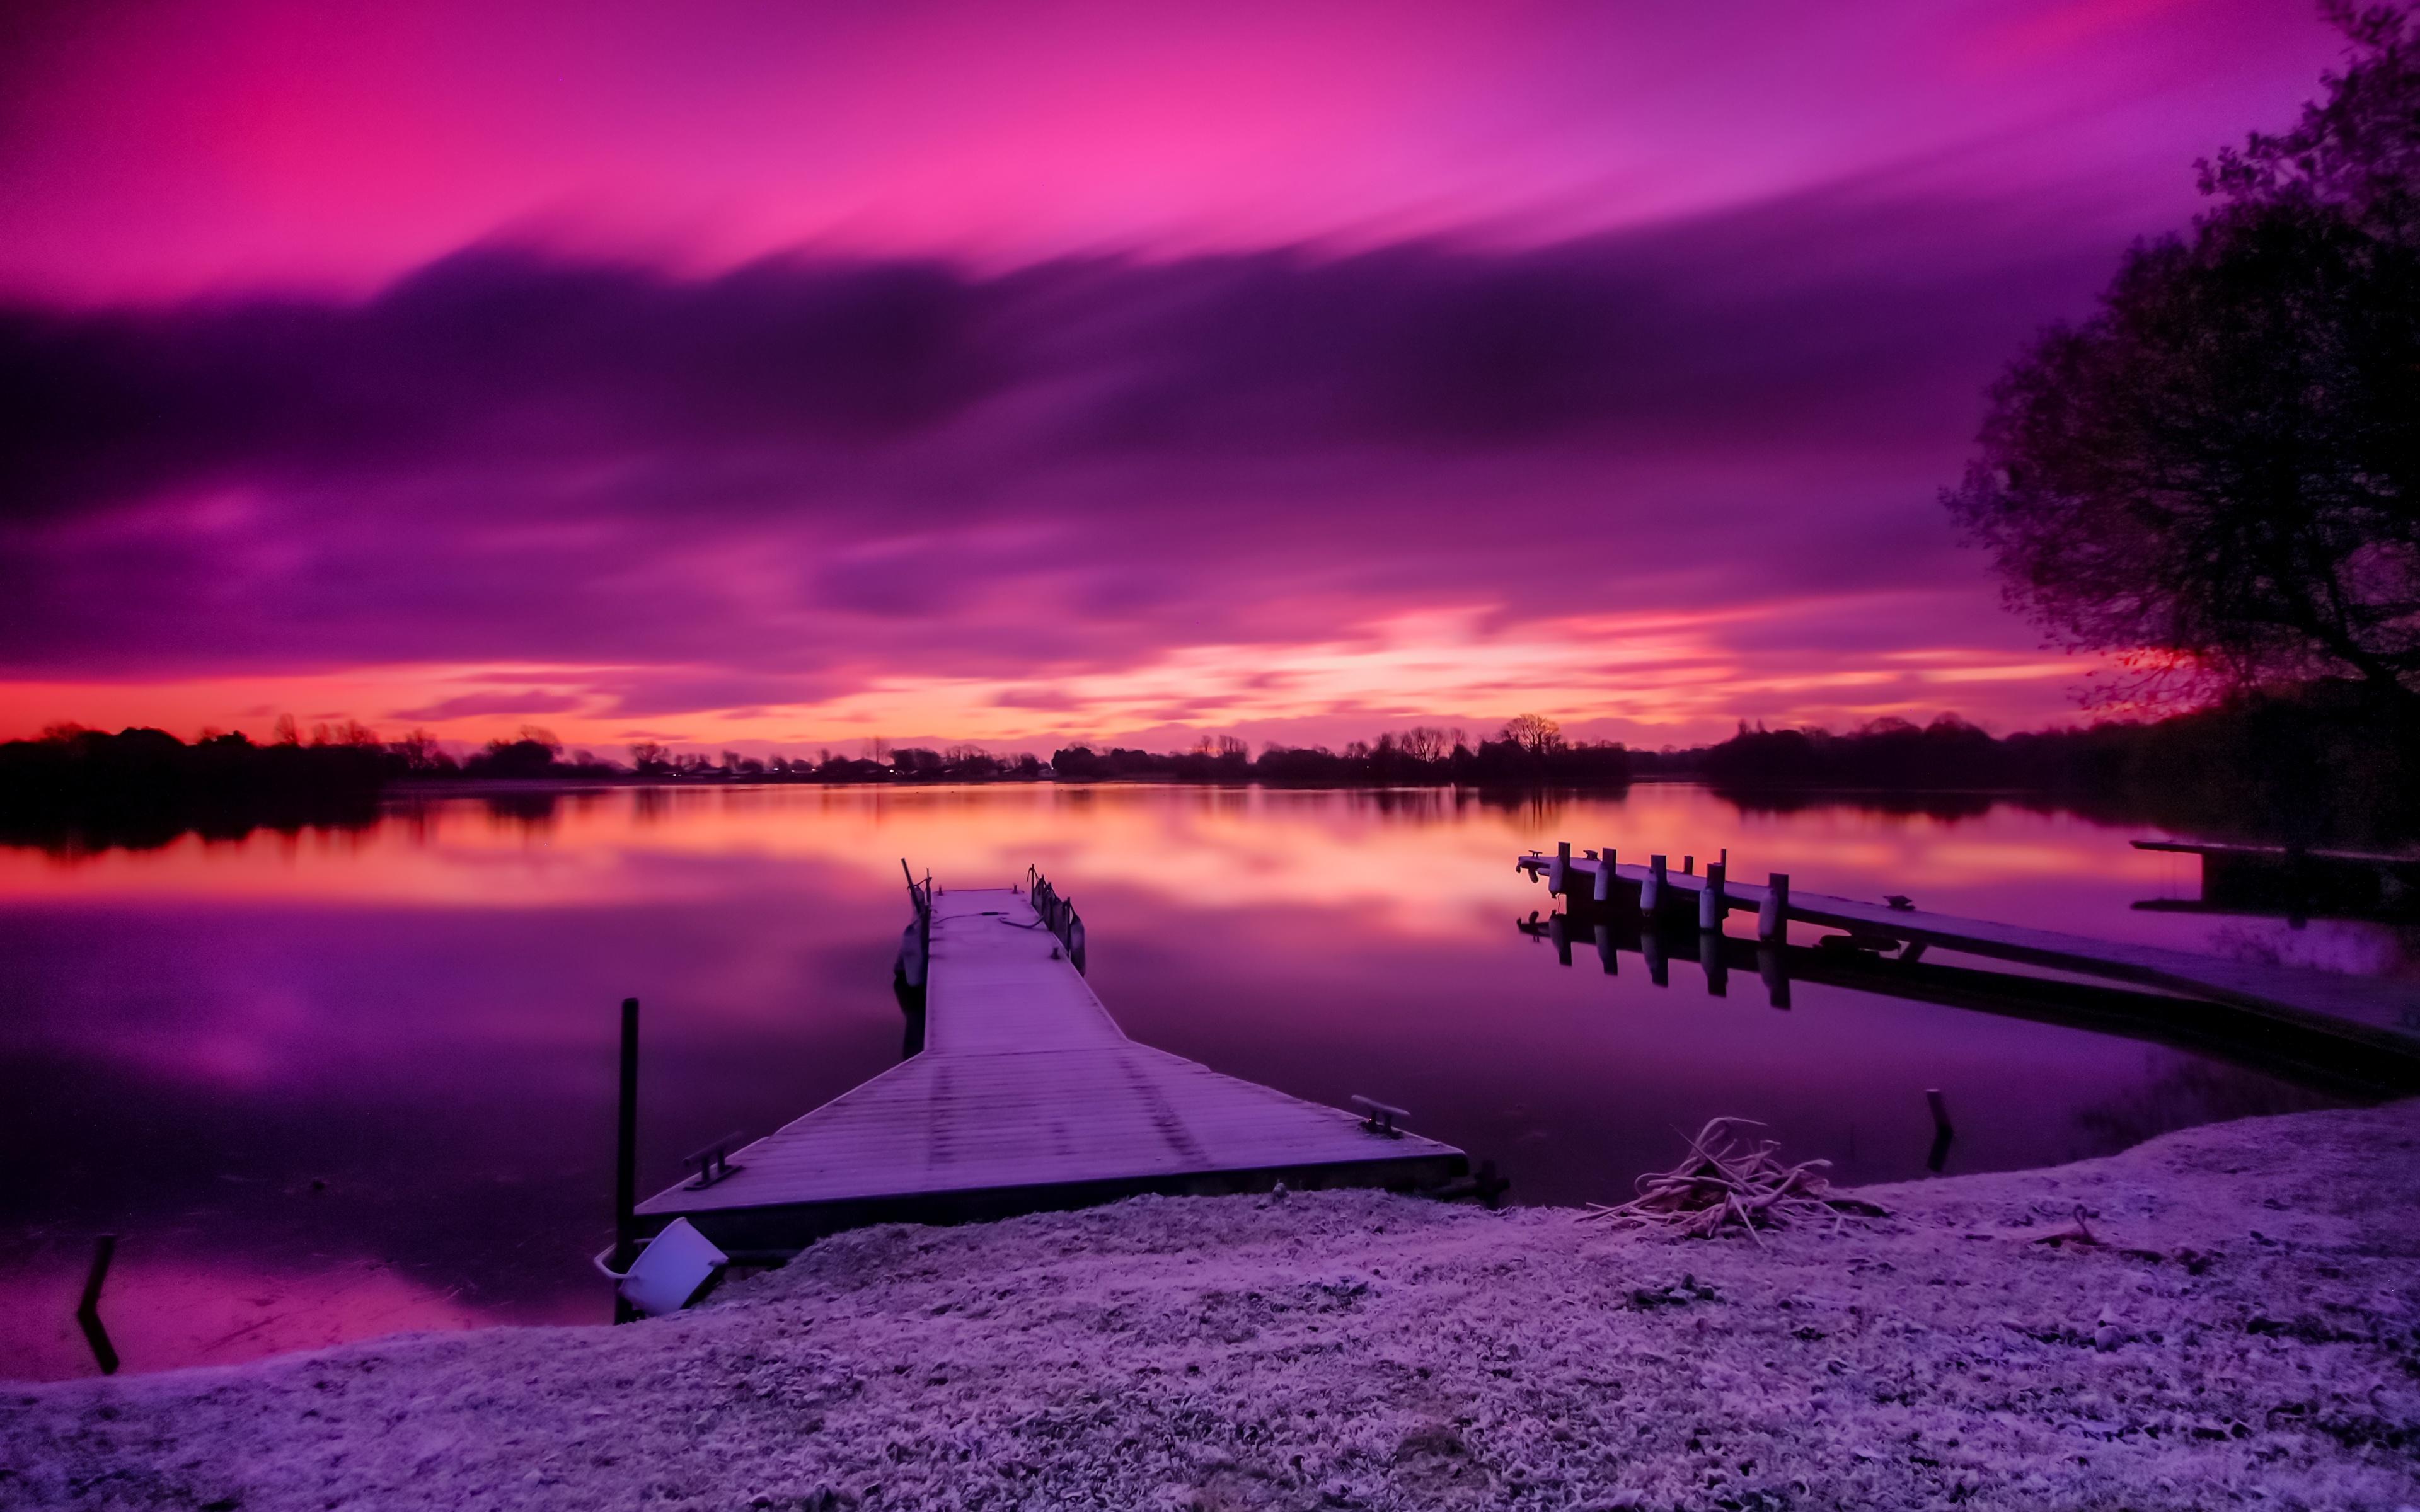 рассвет озеро причал  № 2738574 загрузить